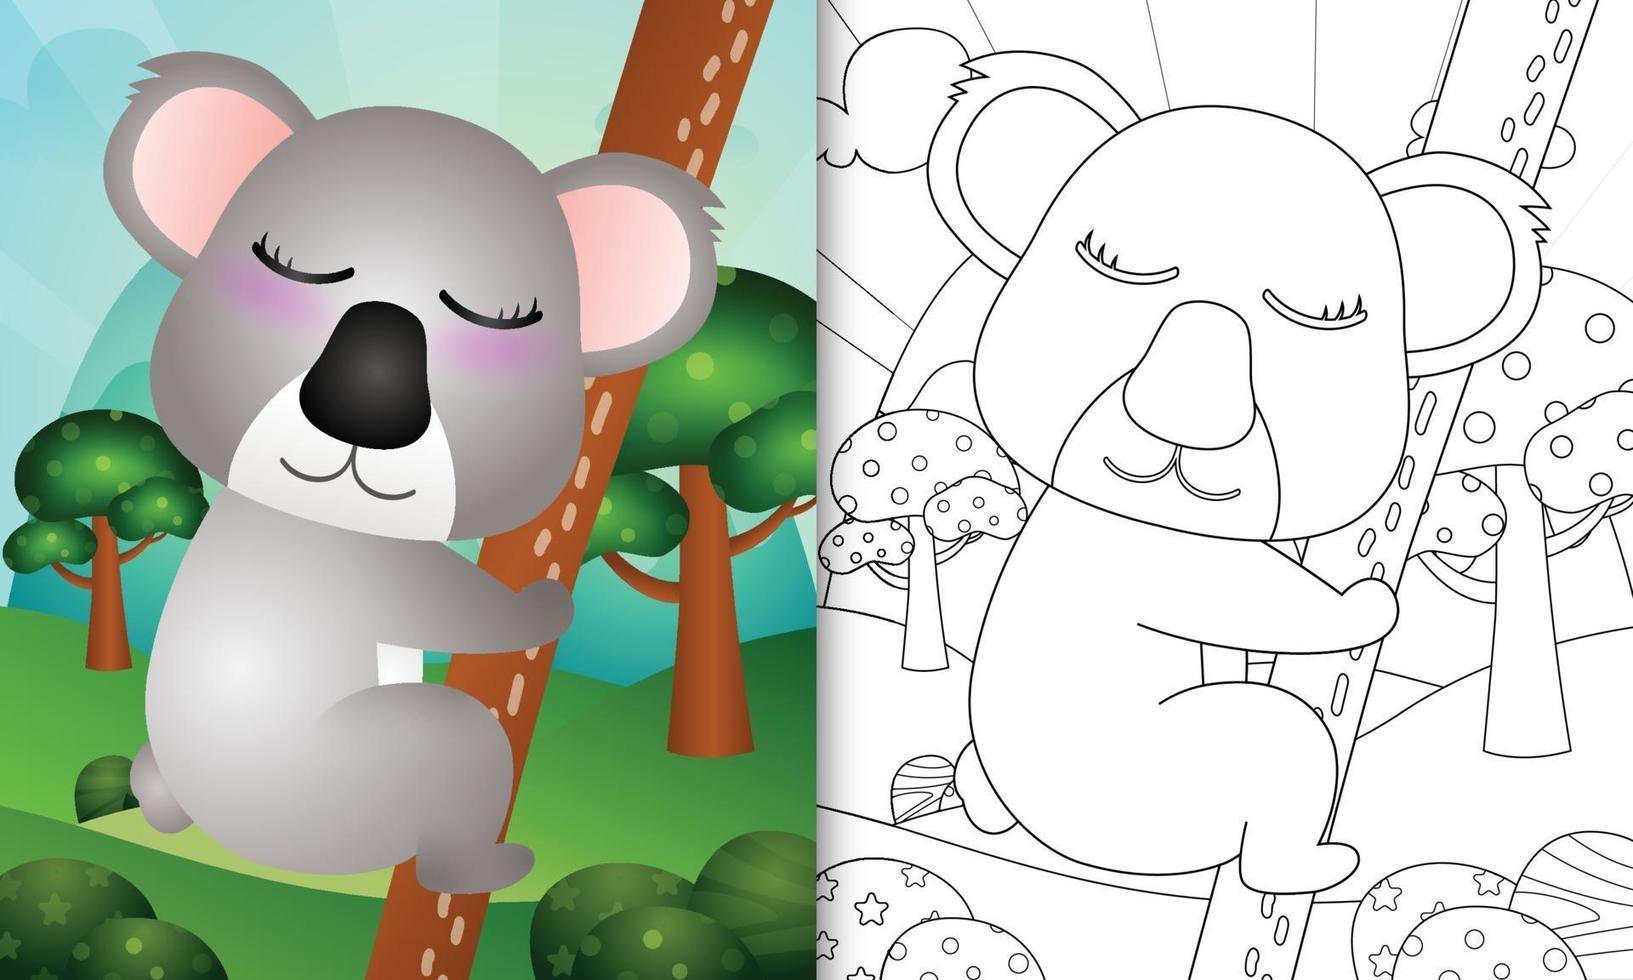 livre de coloriage pour les enfants avec une illustration de personnage koala mignon vecteur